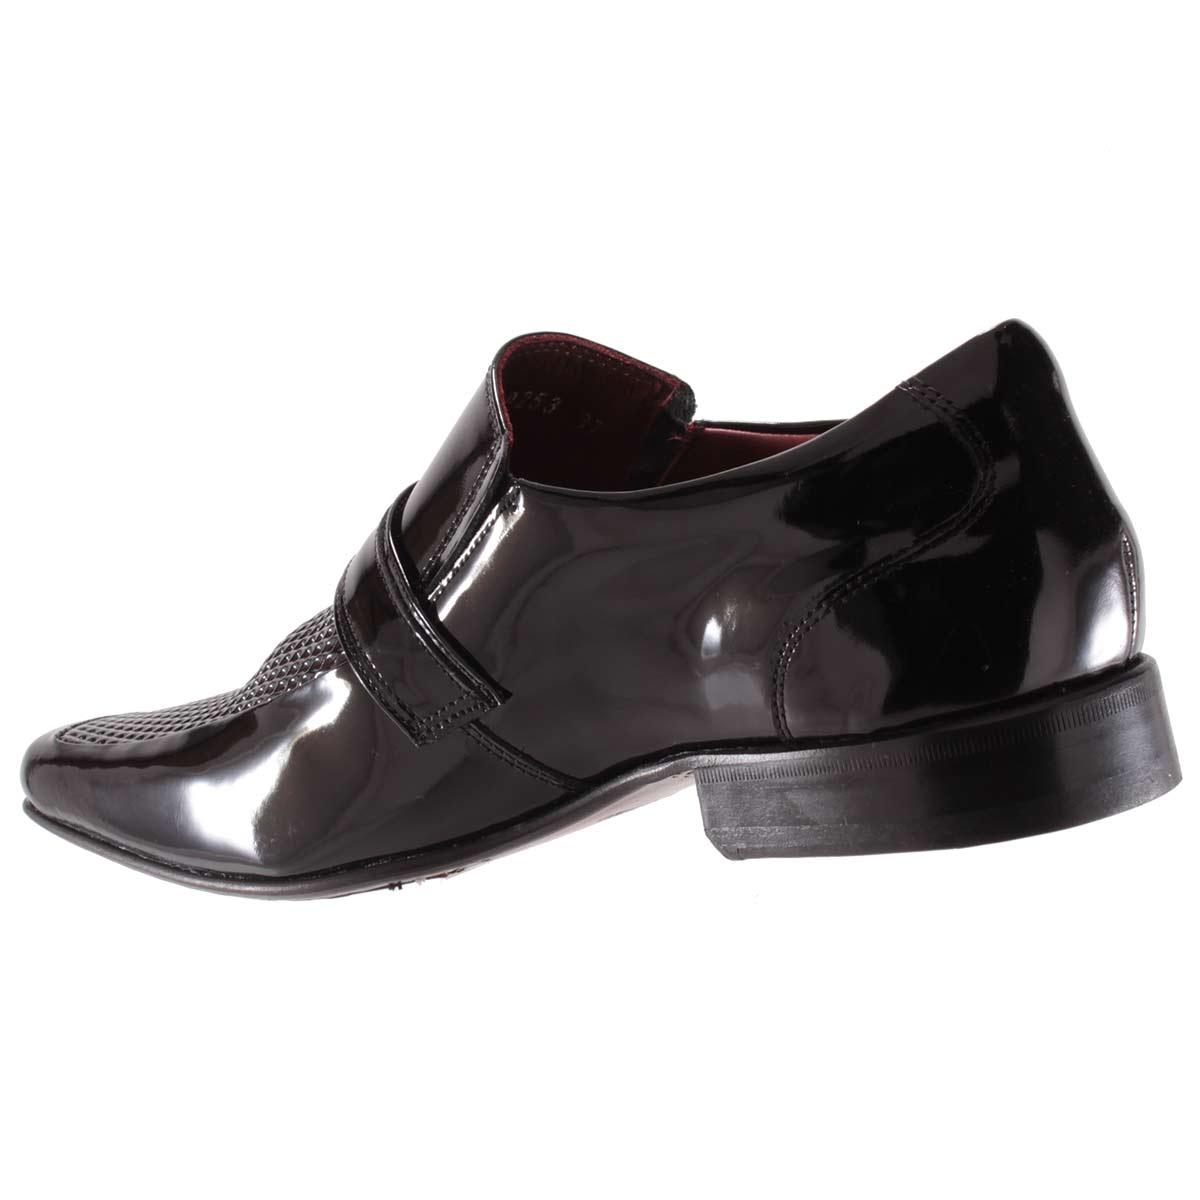 Sapato Social Gofer Masculino Fivela Couro Verniz Legítimo 0253A  - Ian Calçados